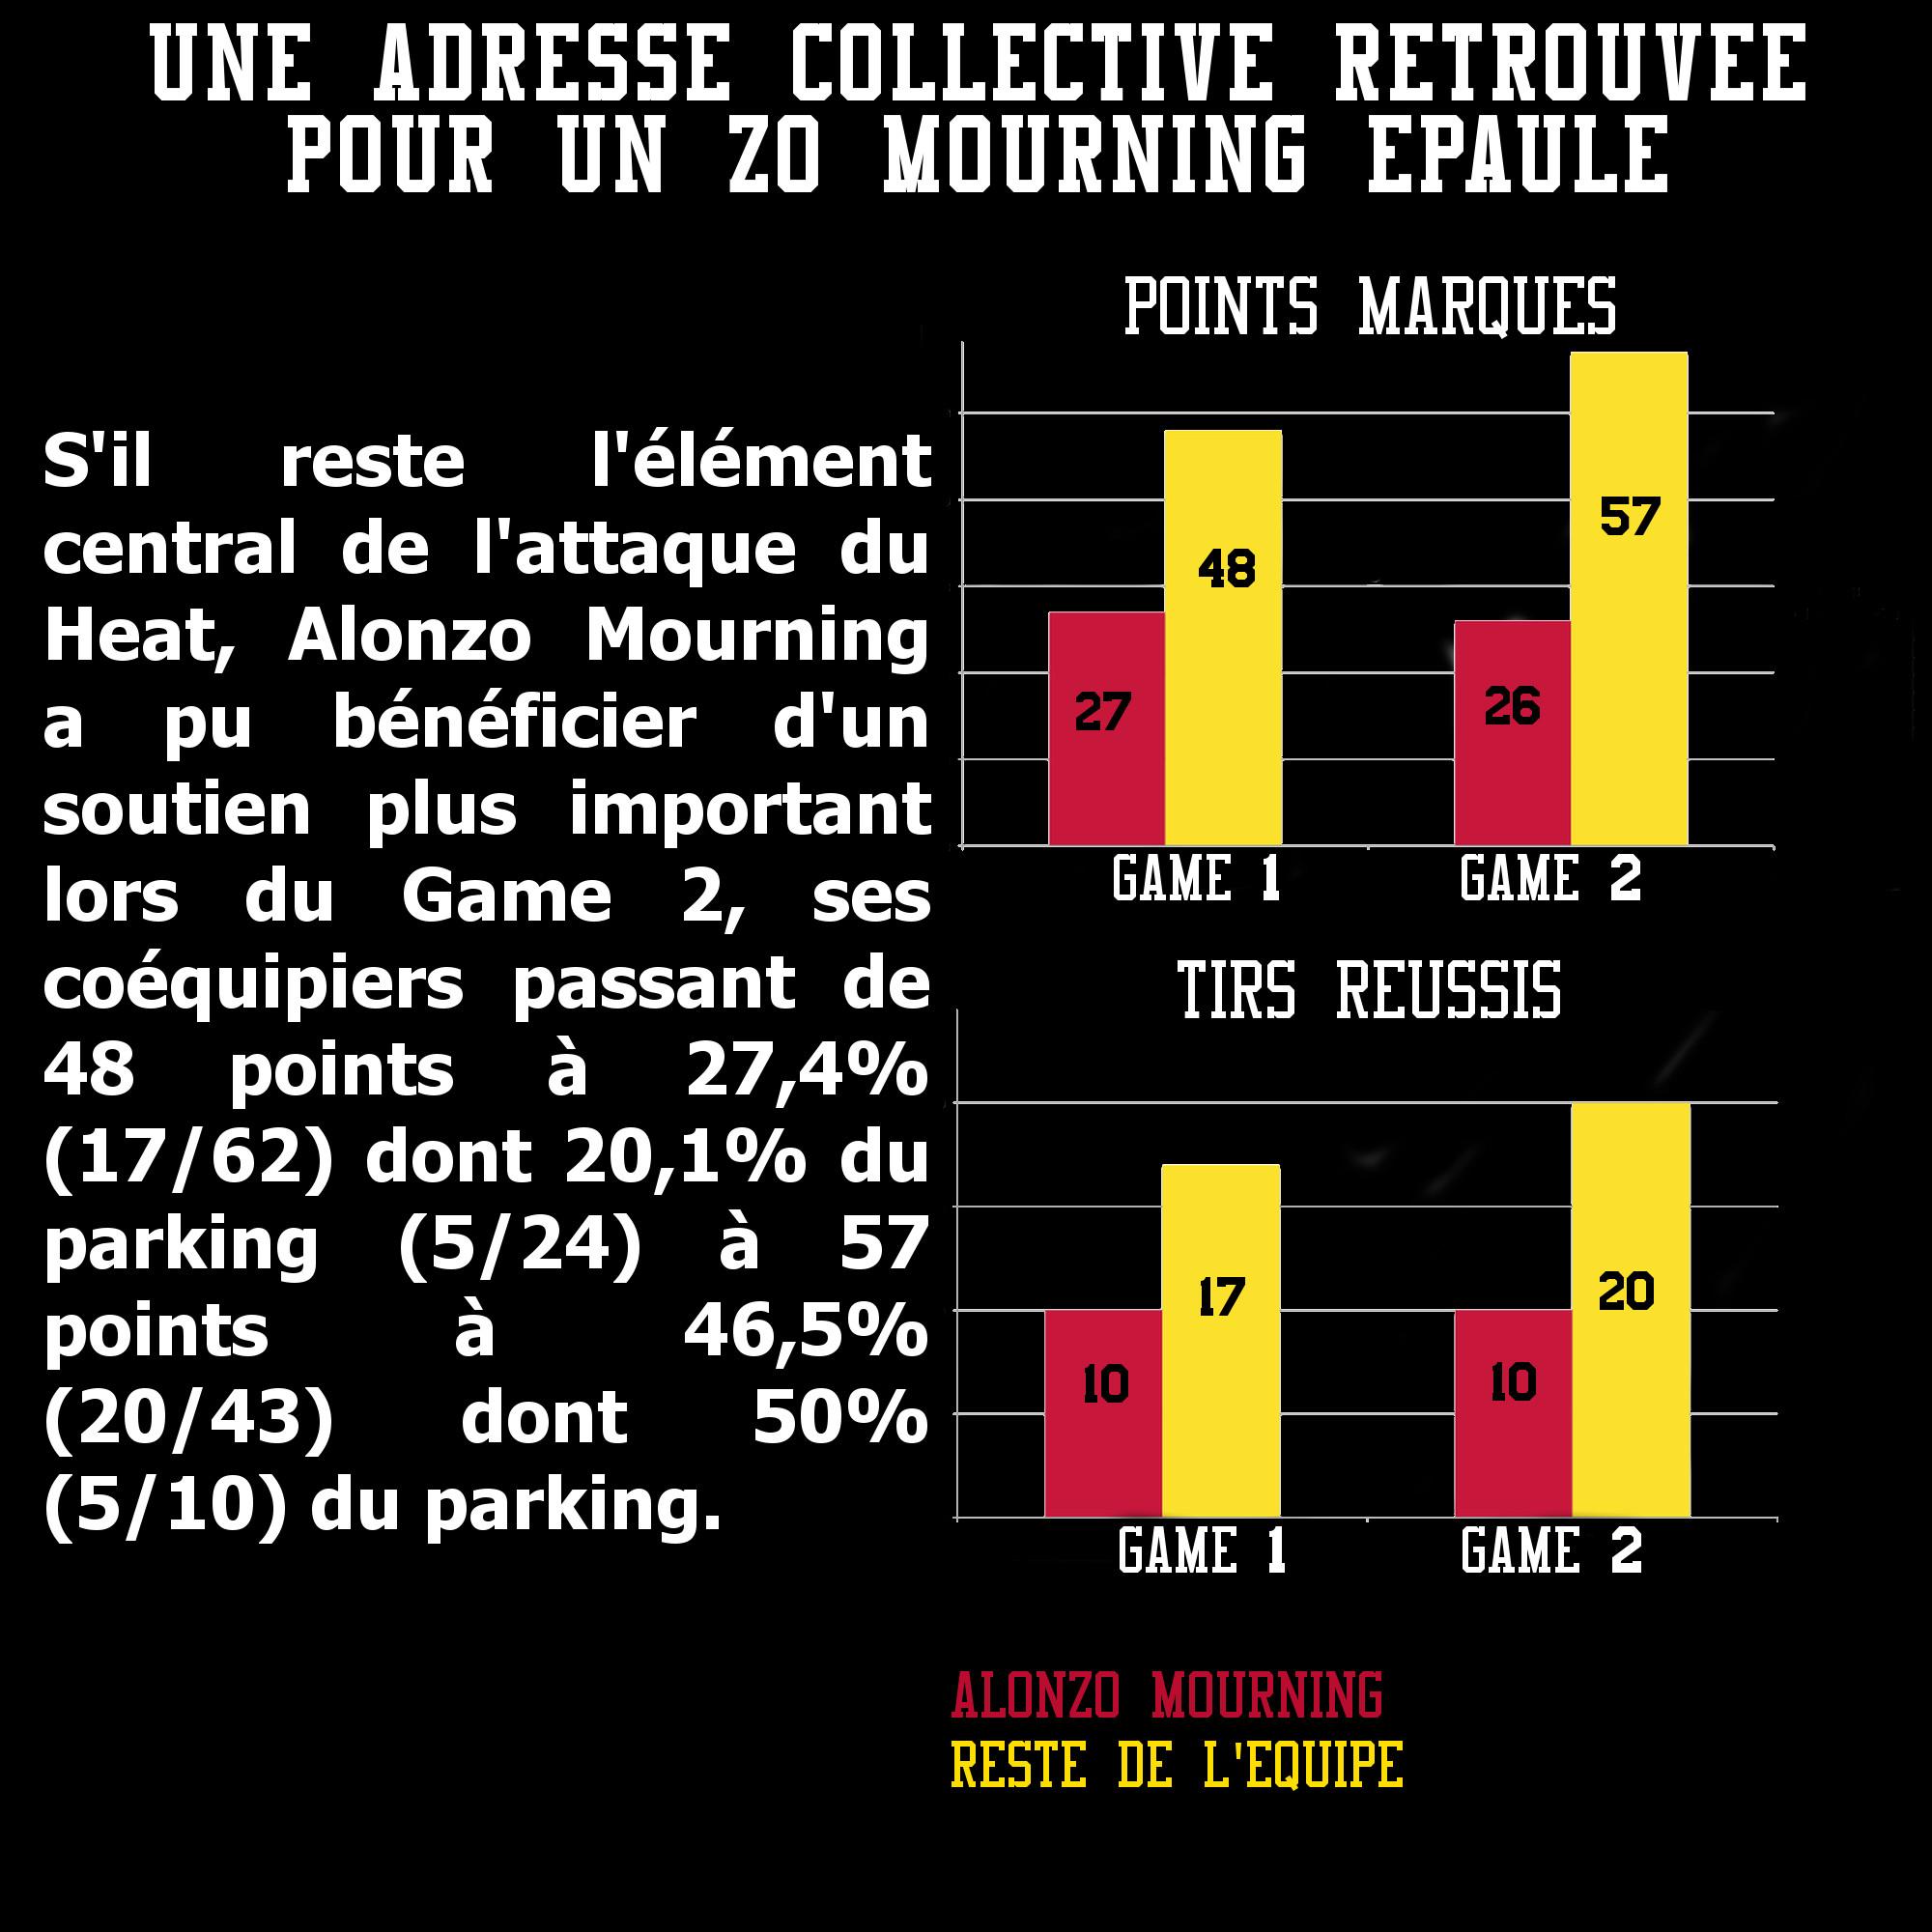 Le collectif du Heat retrouve des couleurs lors du game 2 face aux Knicks